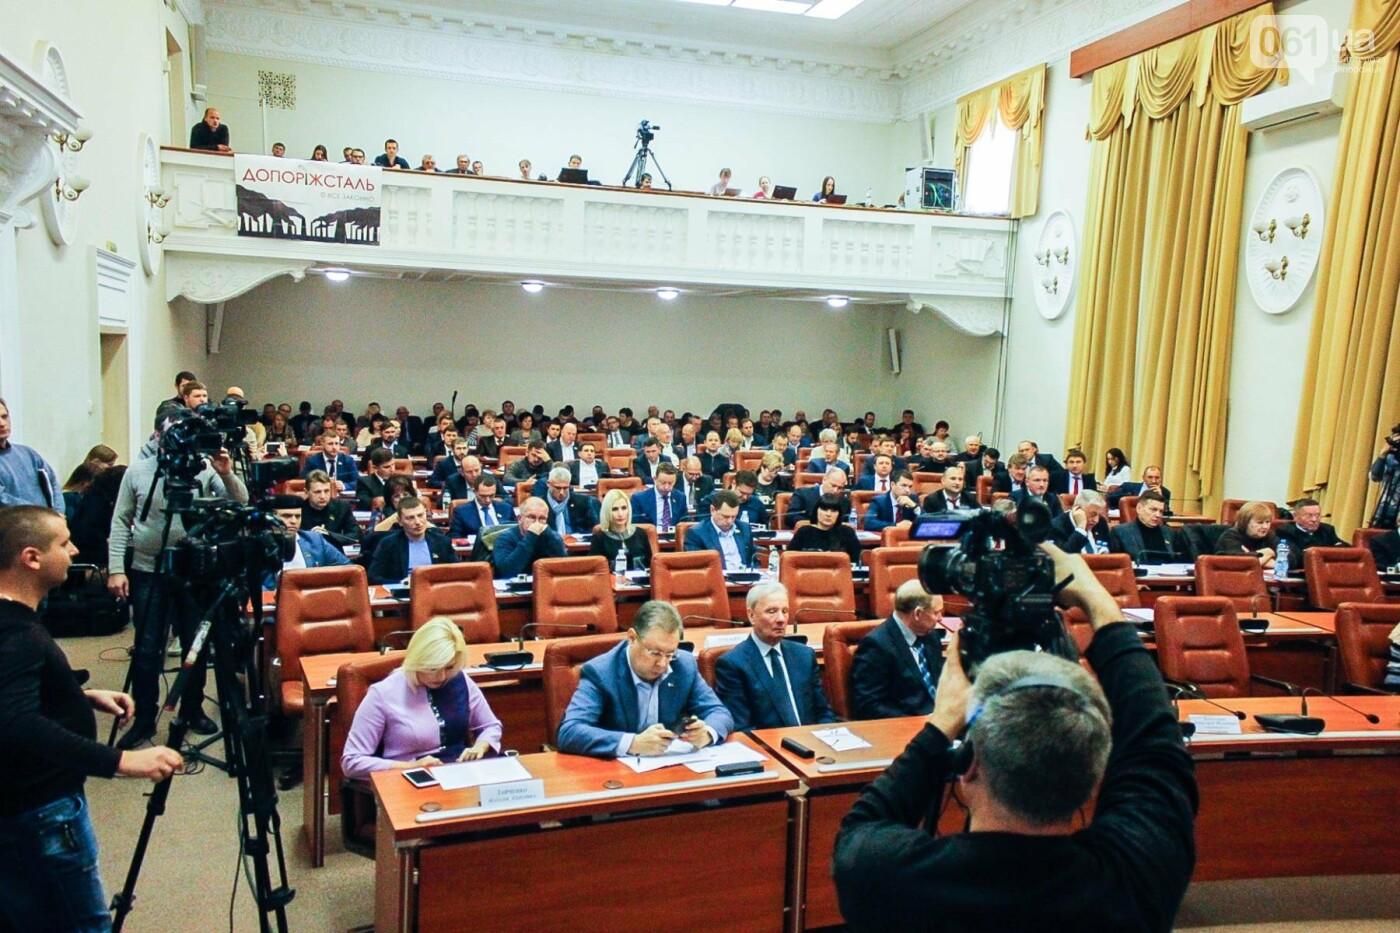 Сессия запорожского горсовета в лицах, - ФОТОРЕПОРТАЖ, фото-45